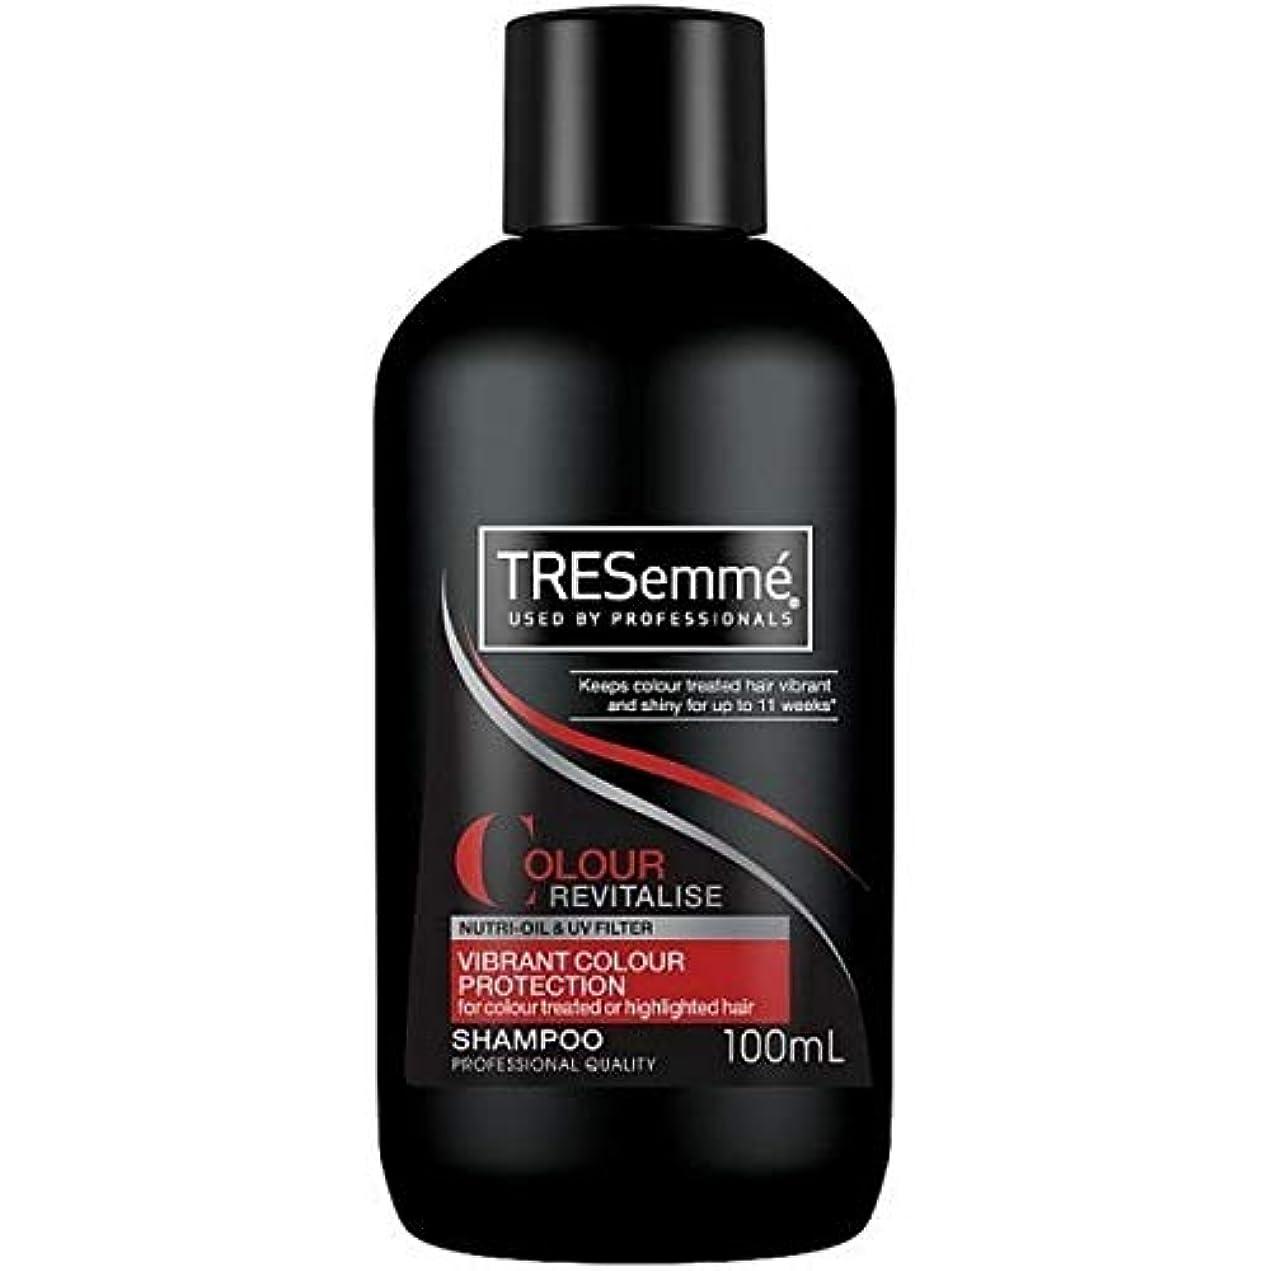 写真新しい意味してはいけない[Tresemme] Tresemme色はカラーフェードシャンプー100ミリリットルを活性化 - TRESemme Colour Revitalise Colour Fade Shampoo 100ml [並行輸入品]